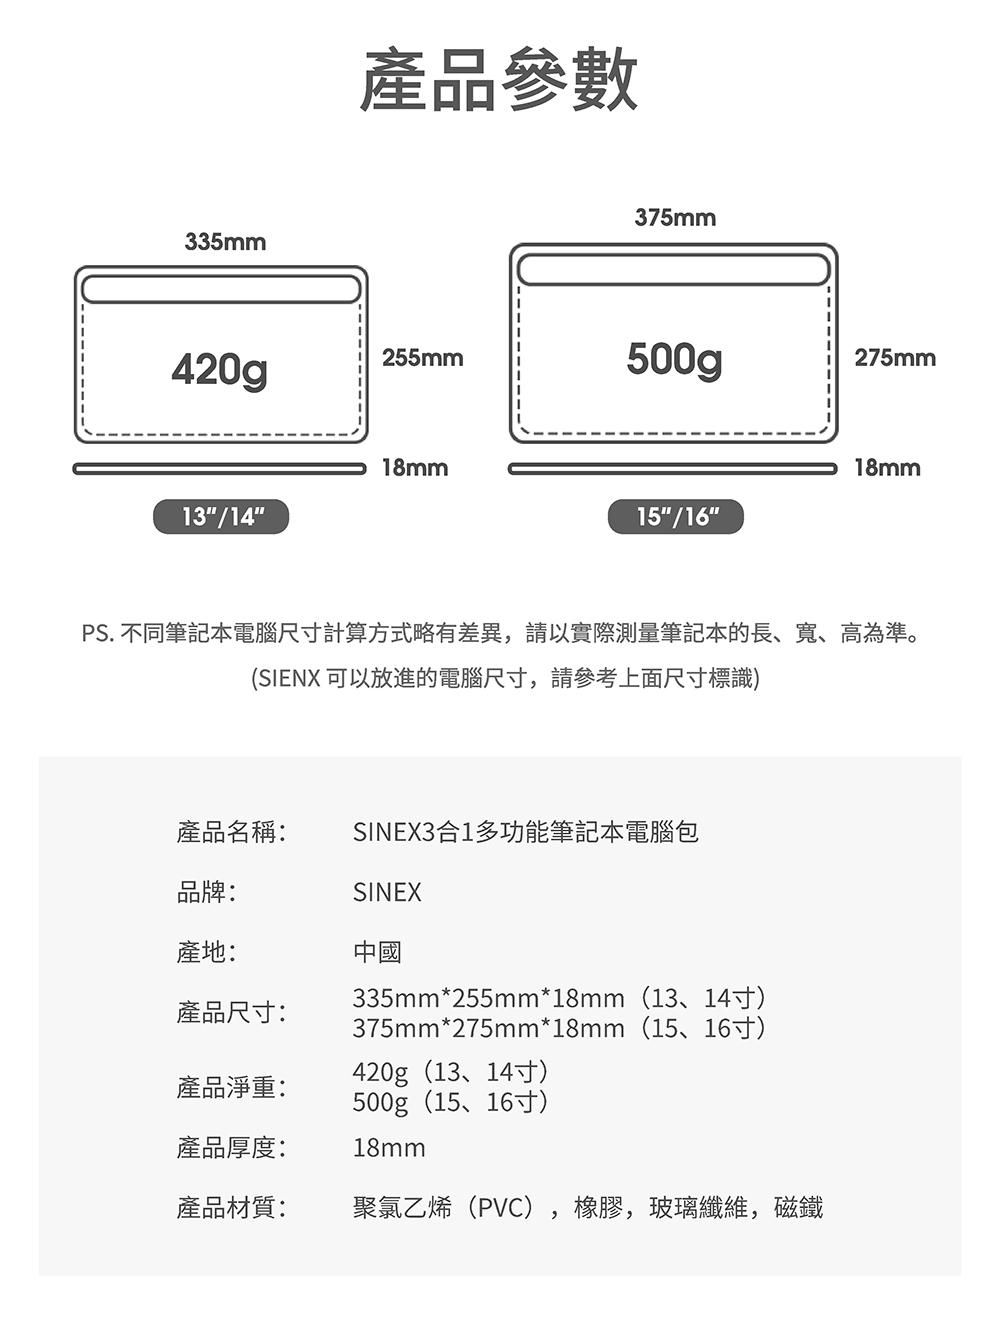 【SINEX】全球首款 3 合 1 變形筆電包 適用13/14吋筆電 (收納包+筆電架+鍵盤手托) - SINEX電腦包簡介 09